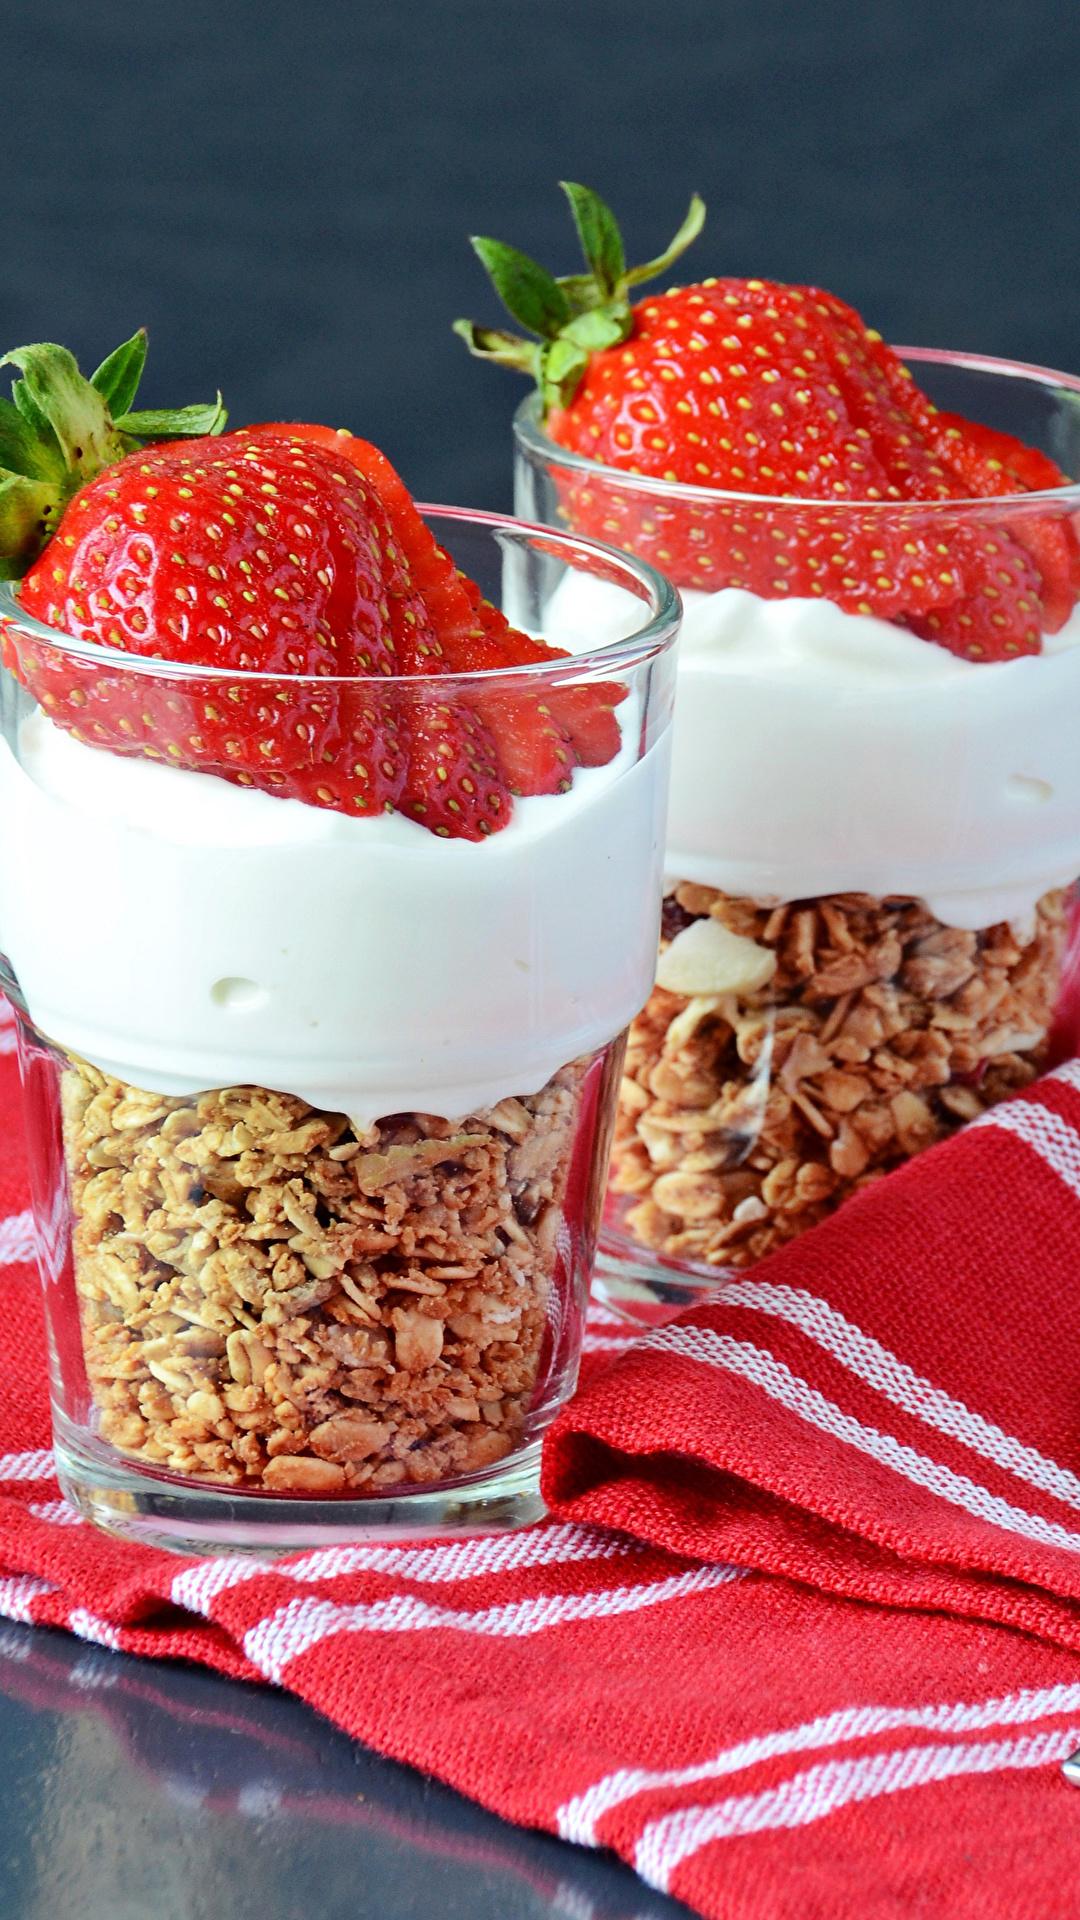 Фотография 2 Стакан Десерт Клубника Еда 1080x1920 две два Двое вдвоем стакана стакане Пища Продукты питания